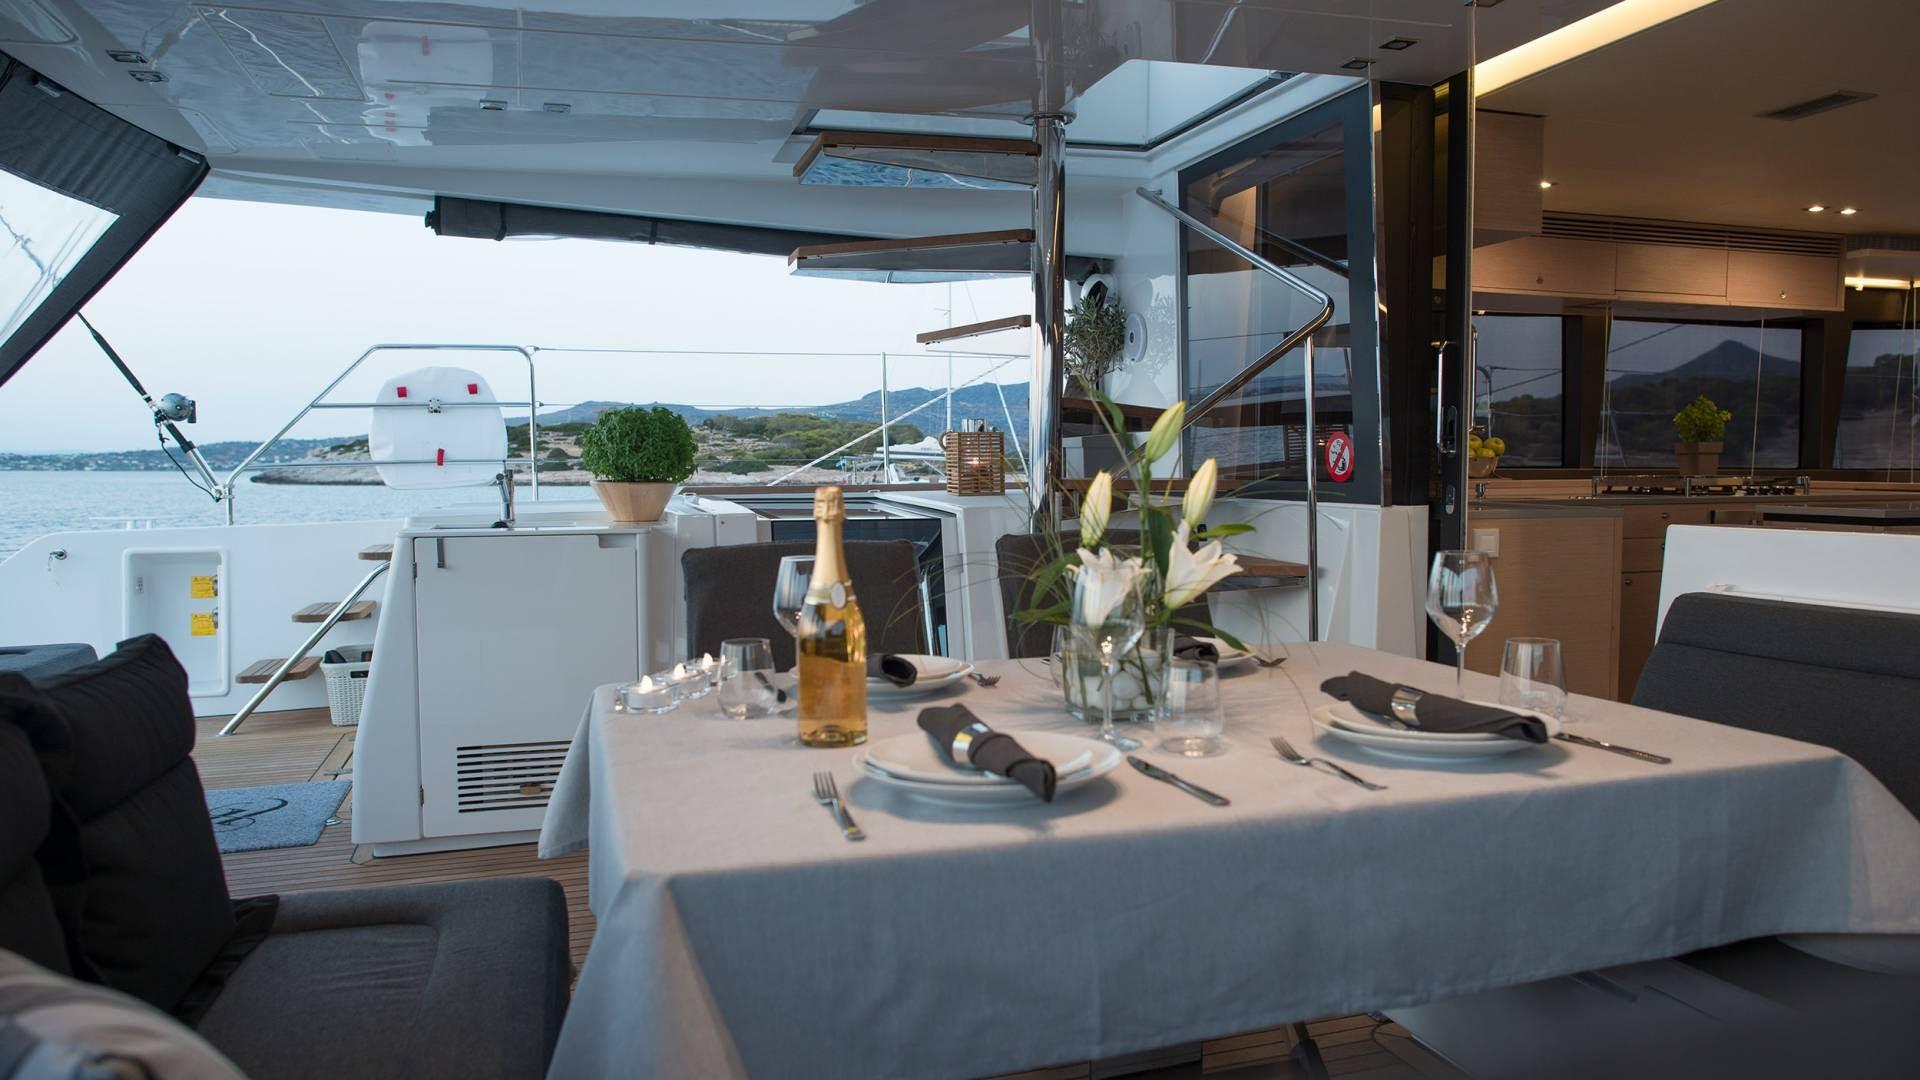 greek-gate-away-yacht-charter-l.jpg